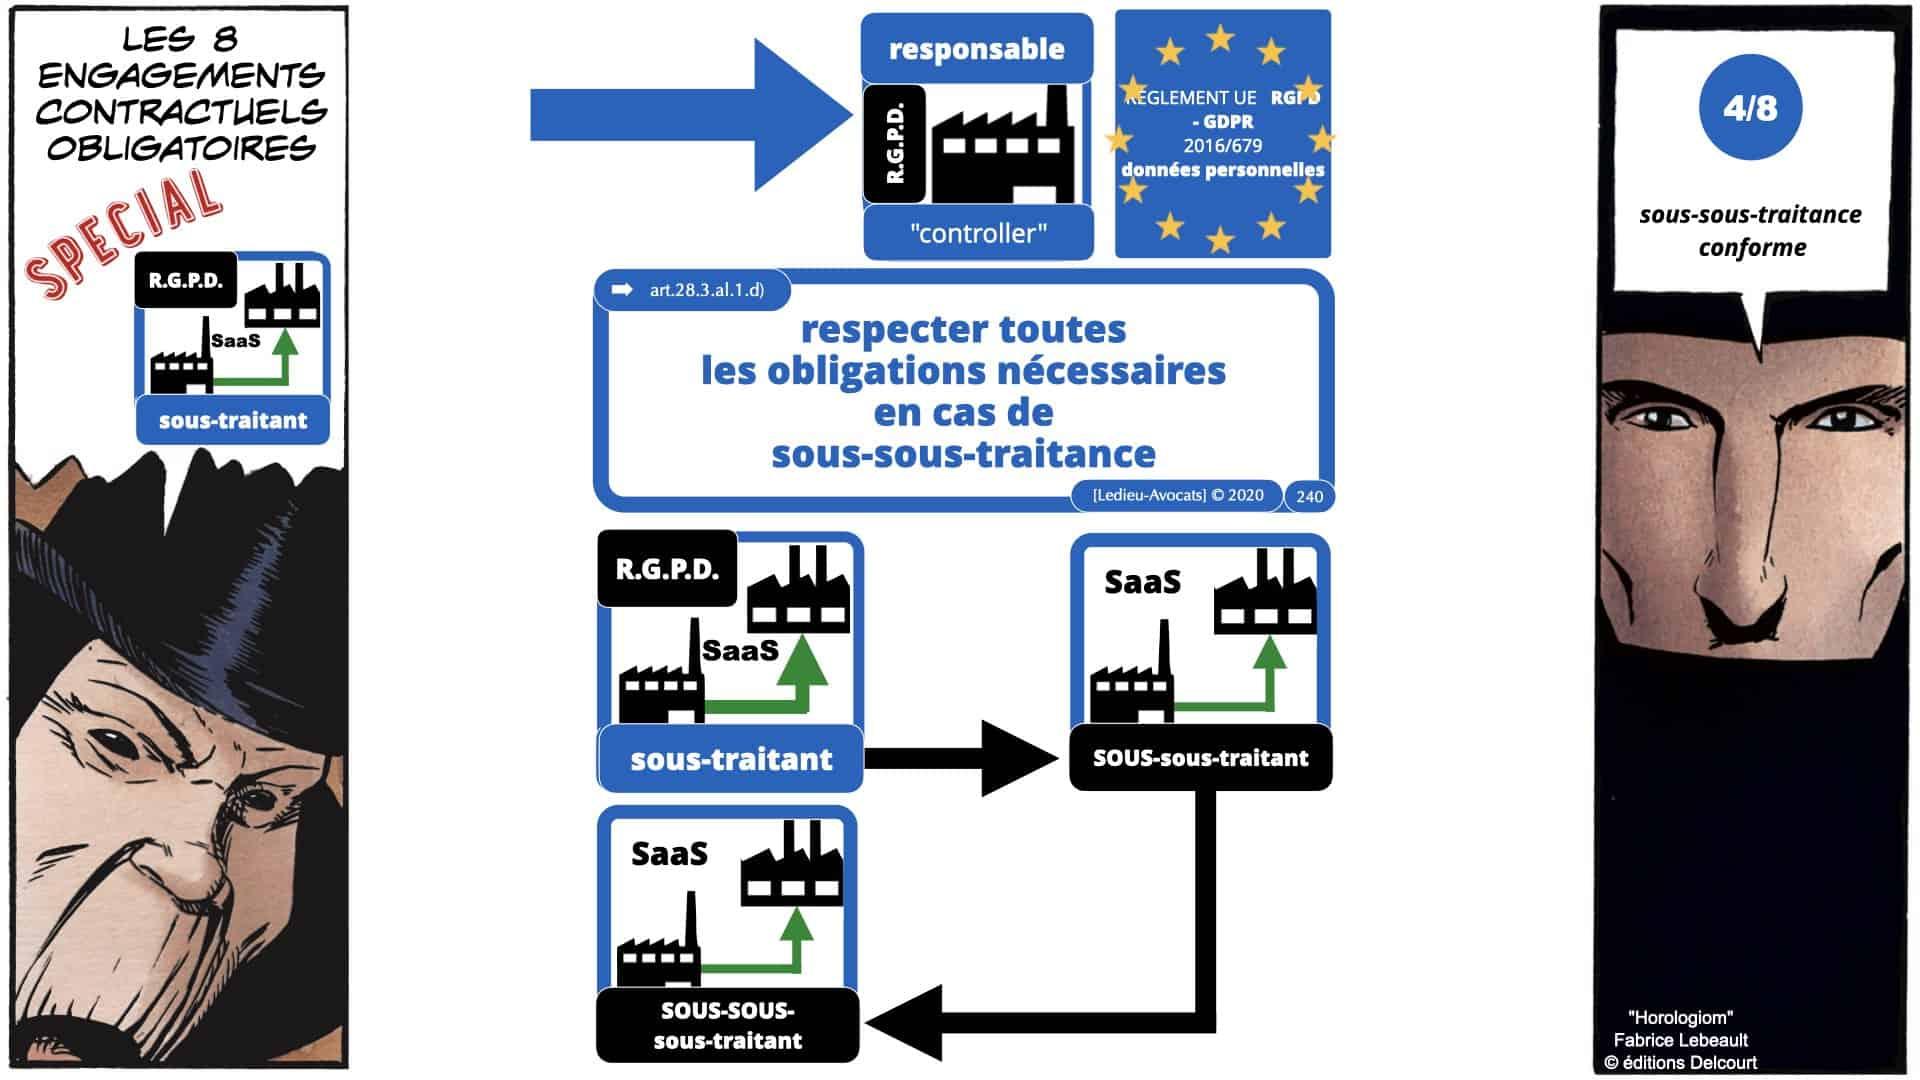 RGPD e-Privacy données personnelles jurisprudence formation Lamy Les Echos 10-02-2021 ©Ledieu-Avocats.240